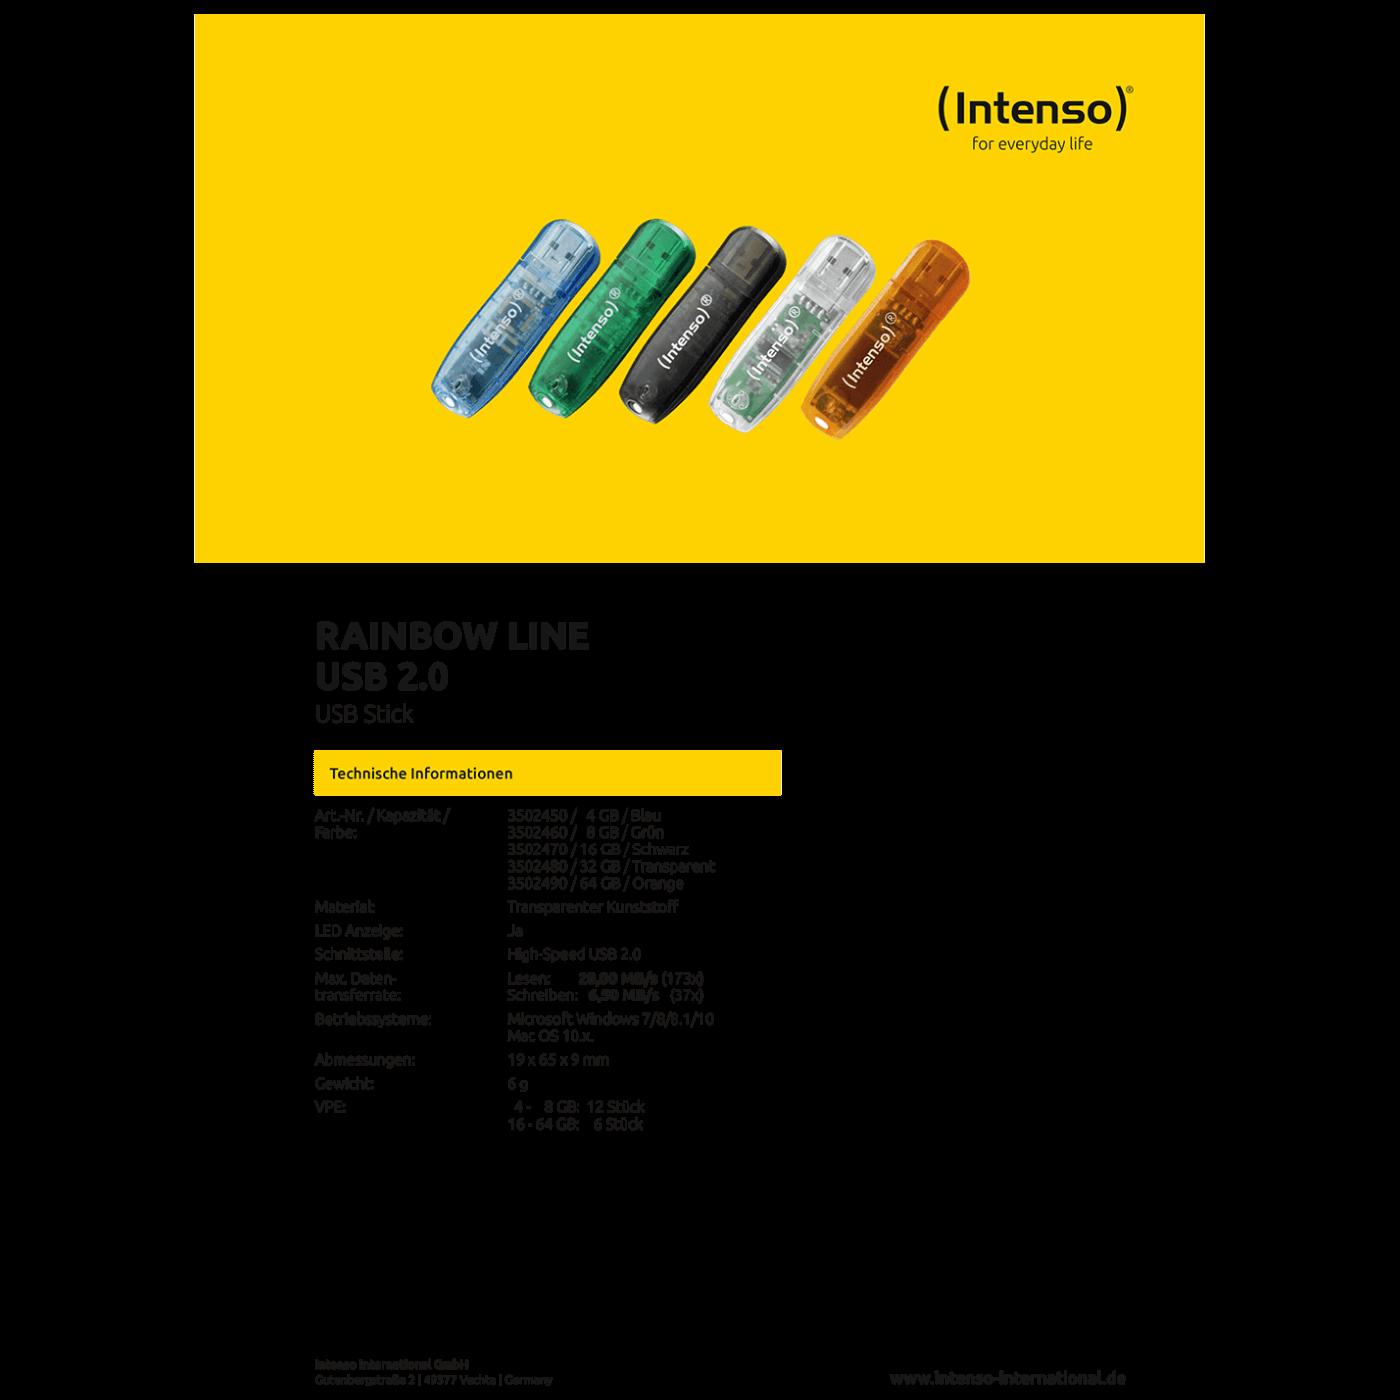 USB2.0-32GB/Rainbow